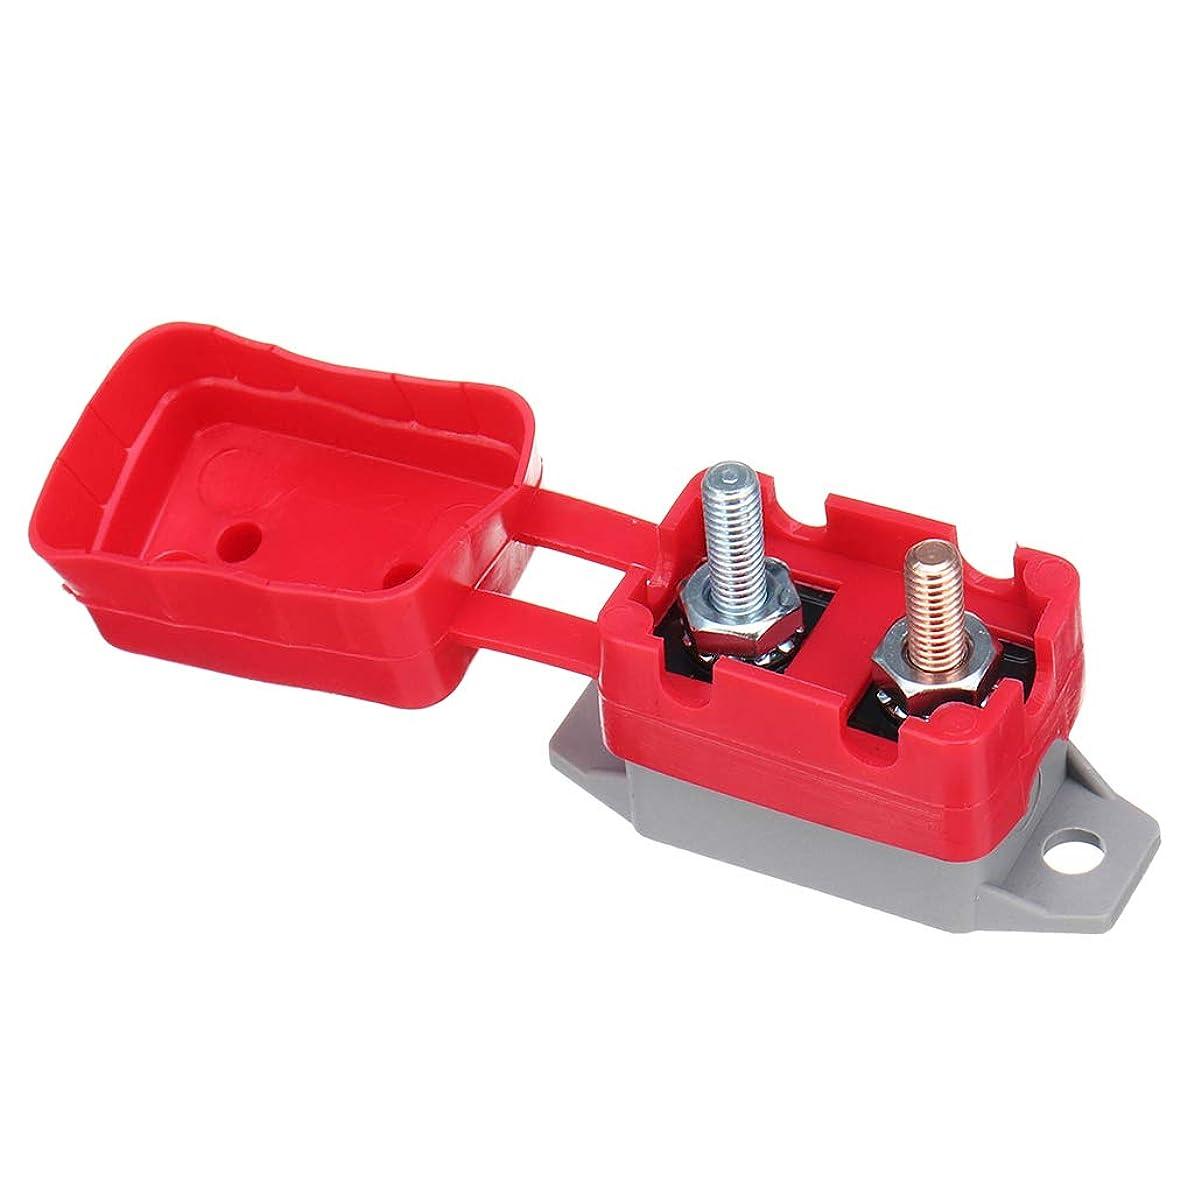 パワーセル気晴らしアルファベット順全7種類 回路ブレーカー 電路ブレーカー サーキットブレーカ 12V / 24V 遮断器 回路保護部品 - 10A